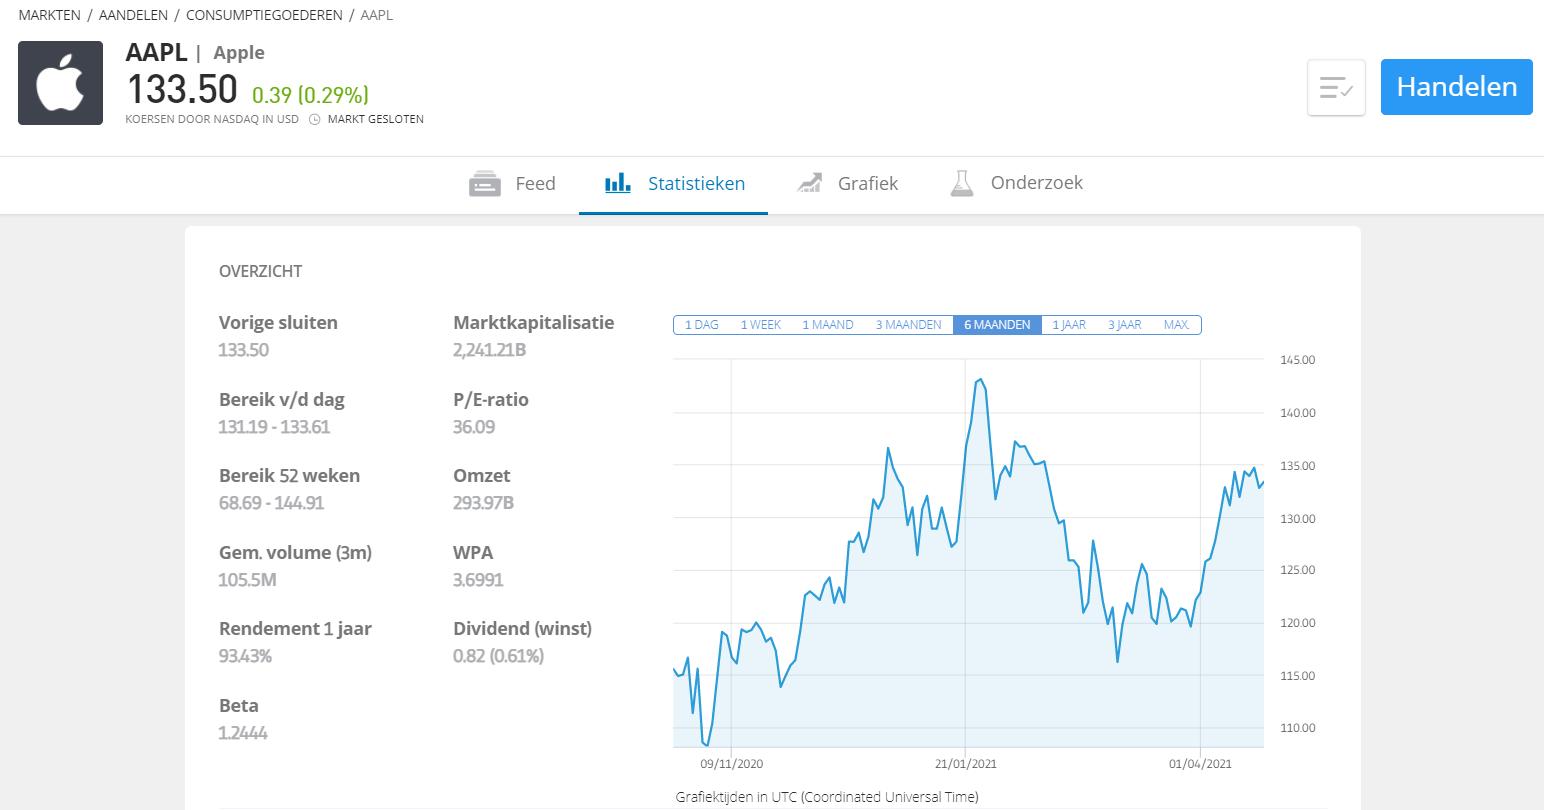 Apple aandeel margin call